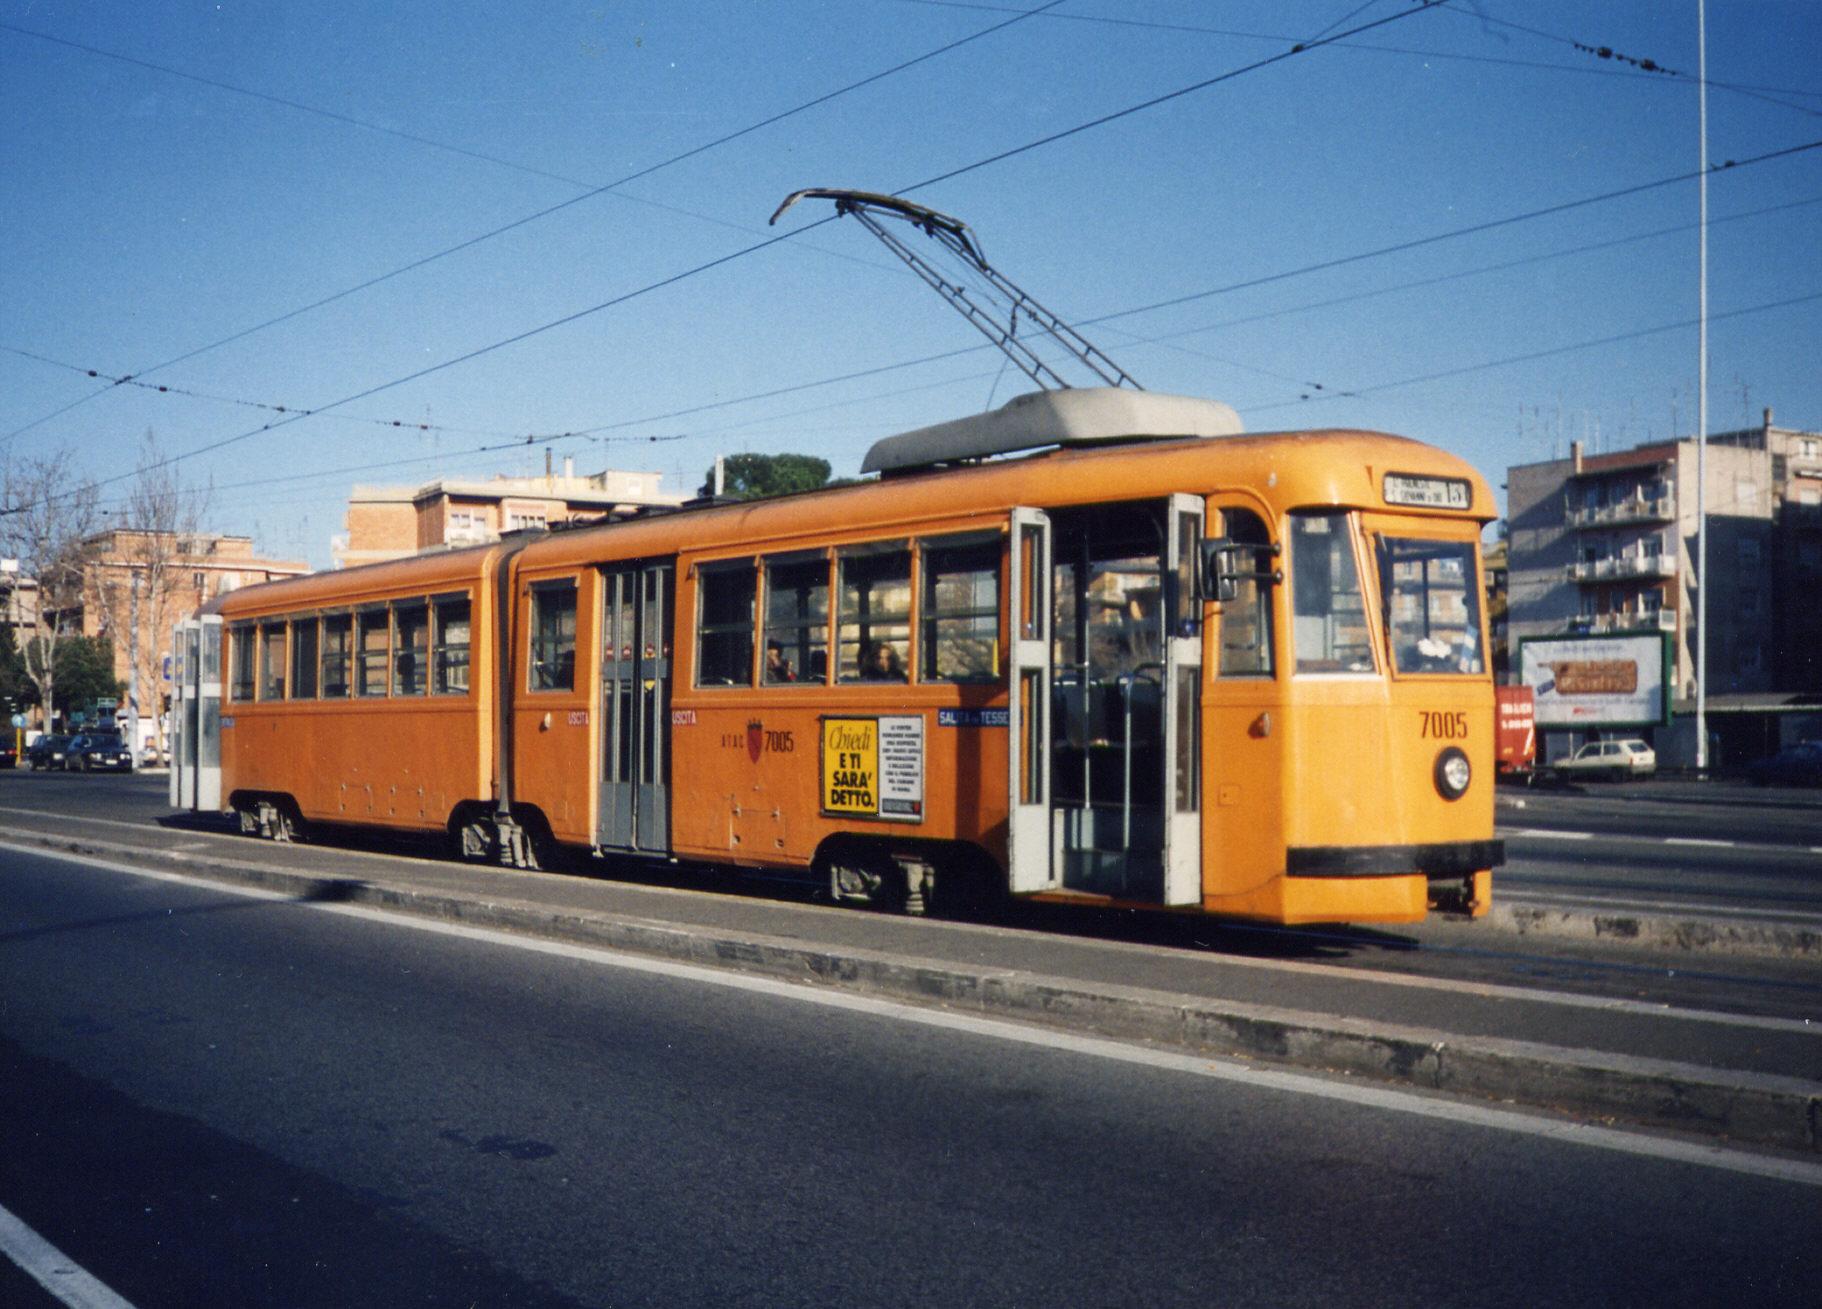 File:1496-Tram TAS 7005.jpg